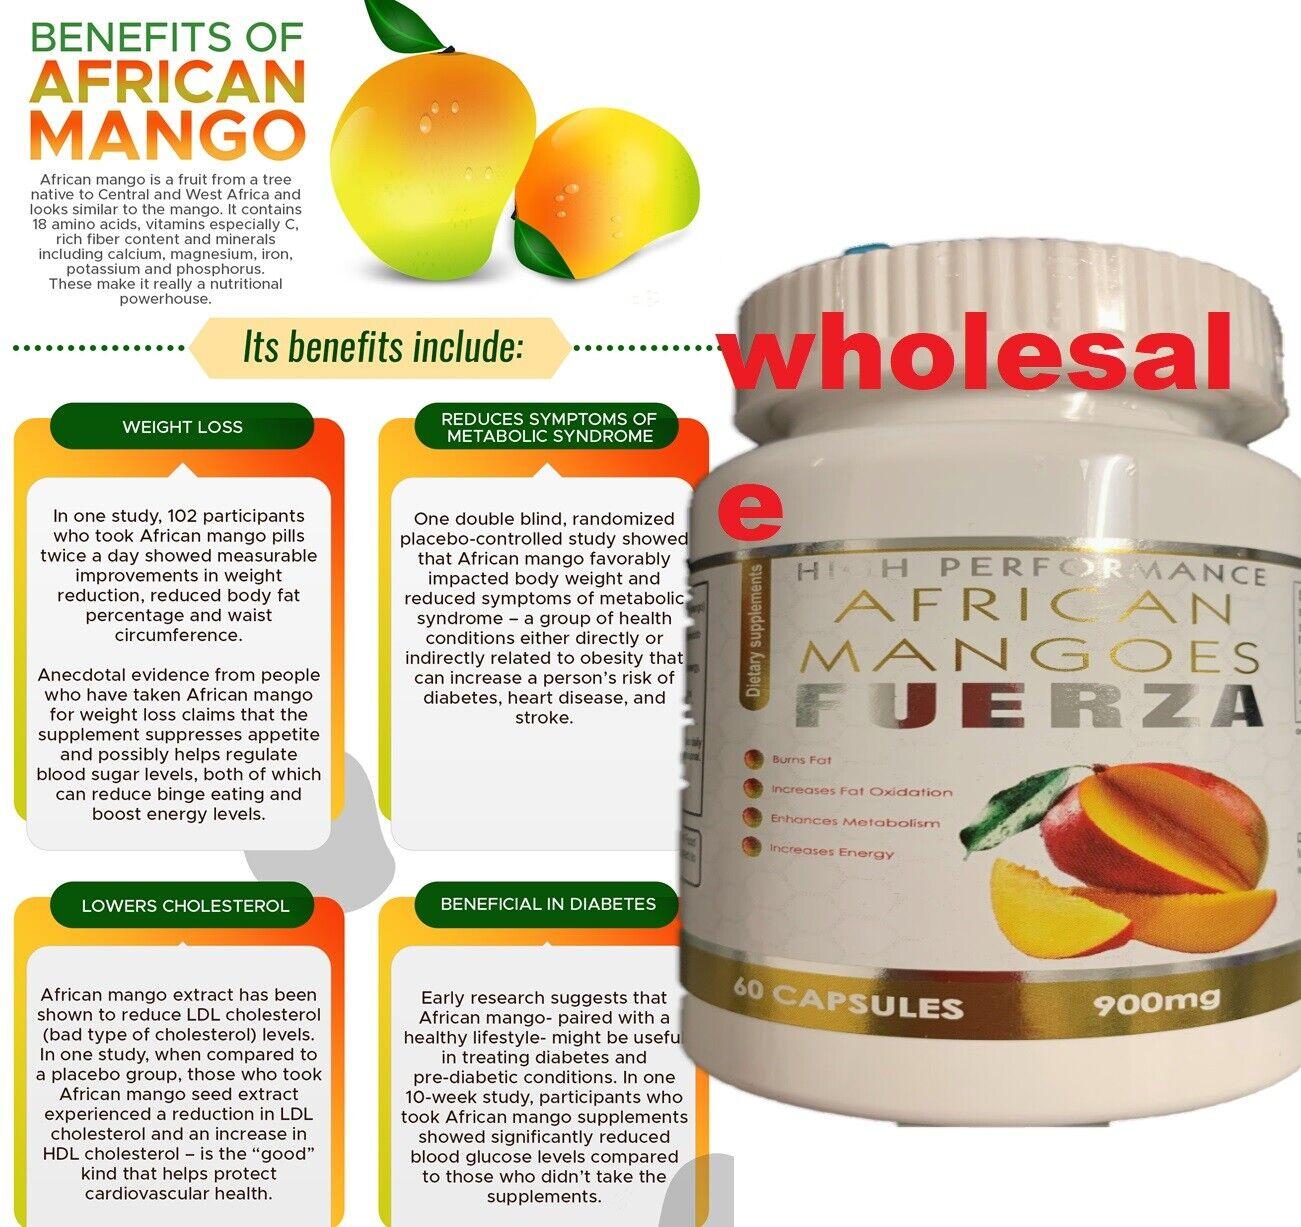 Pastillas para el control de peso y apetito quemadoras de grasa abdominal kit  4